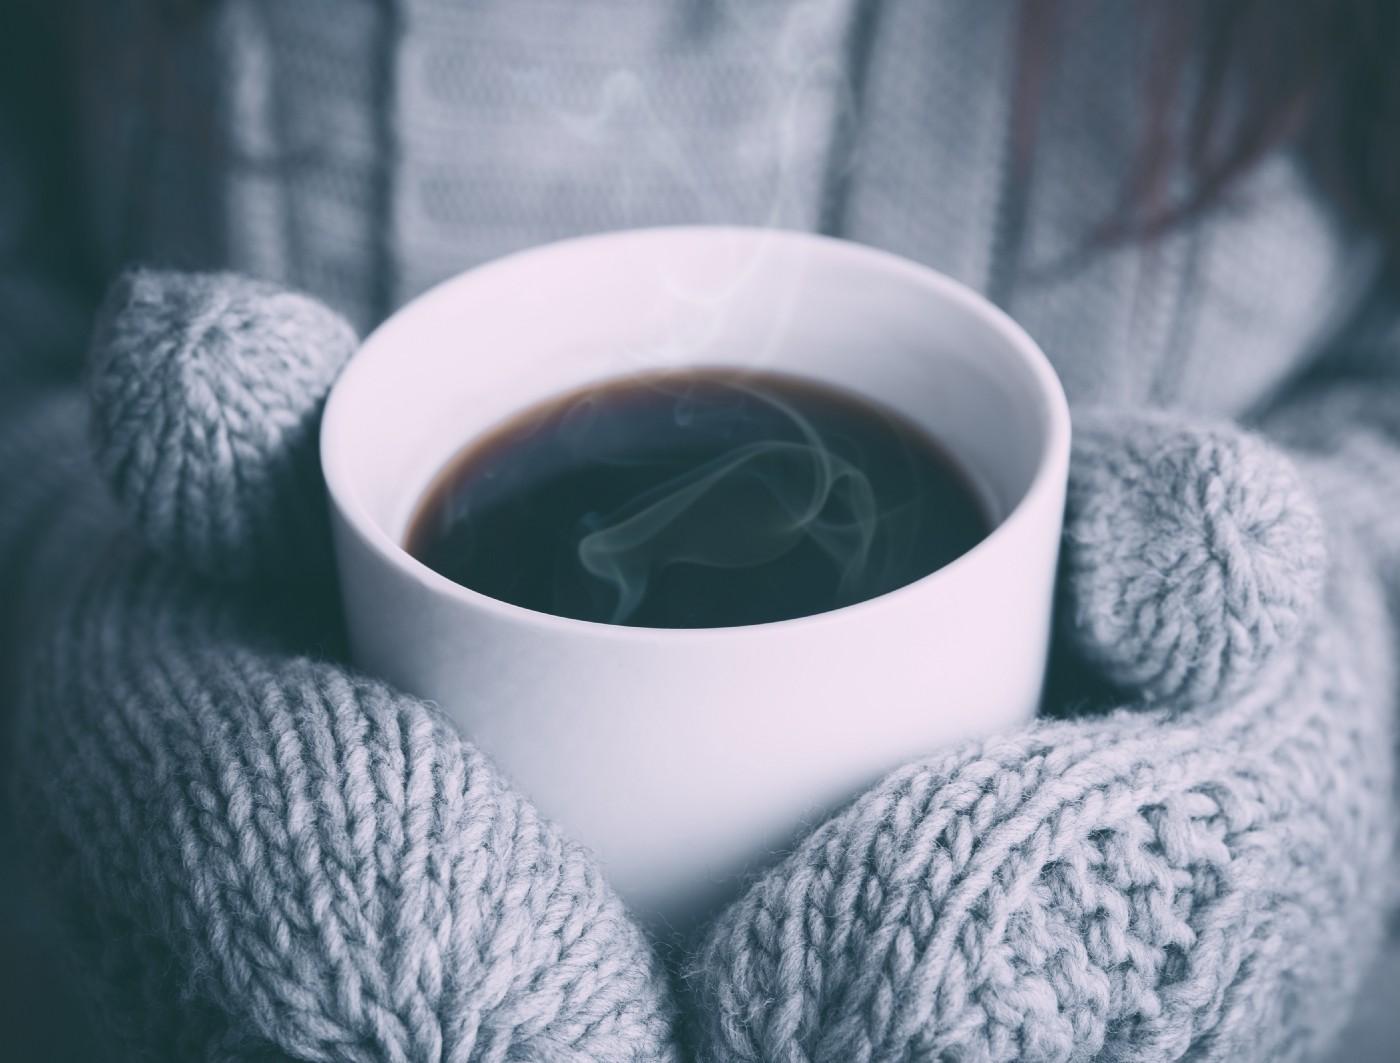 為什麼我的 手沖咖啡 聞起來很香,喝起來卻還好?